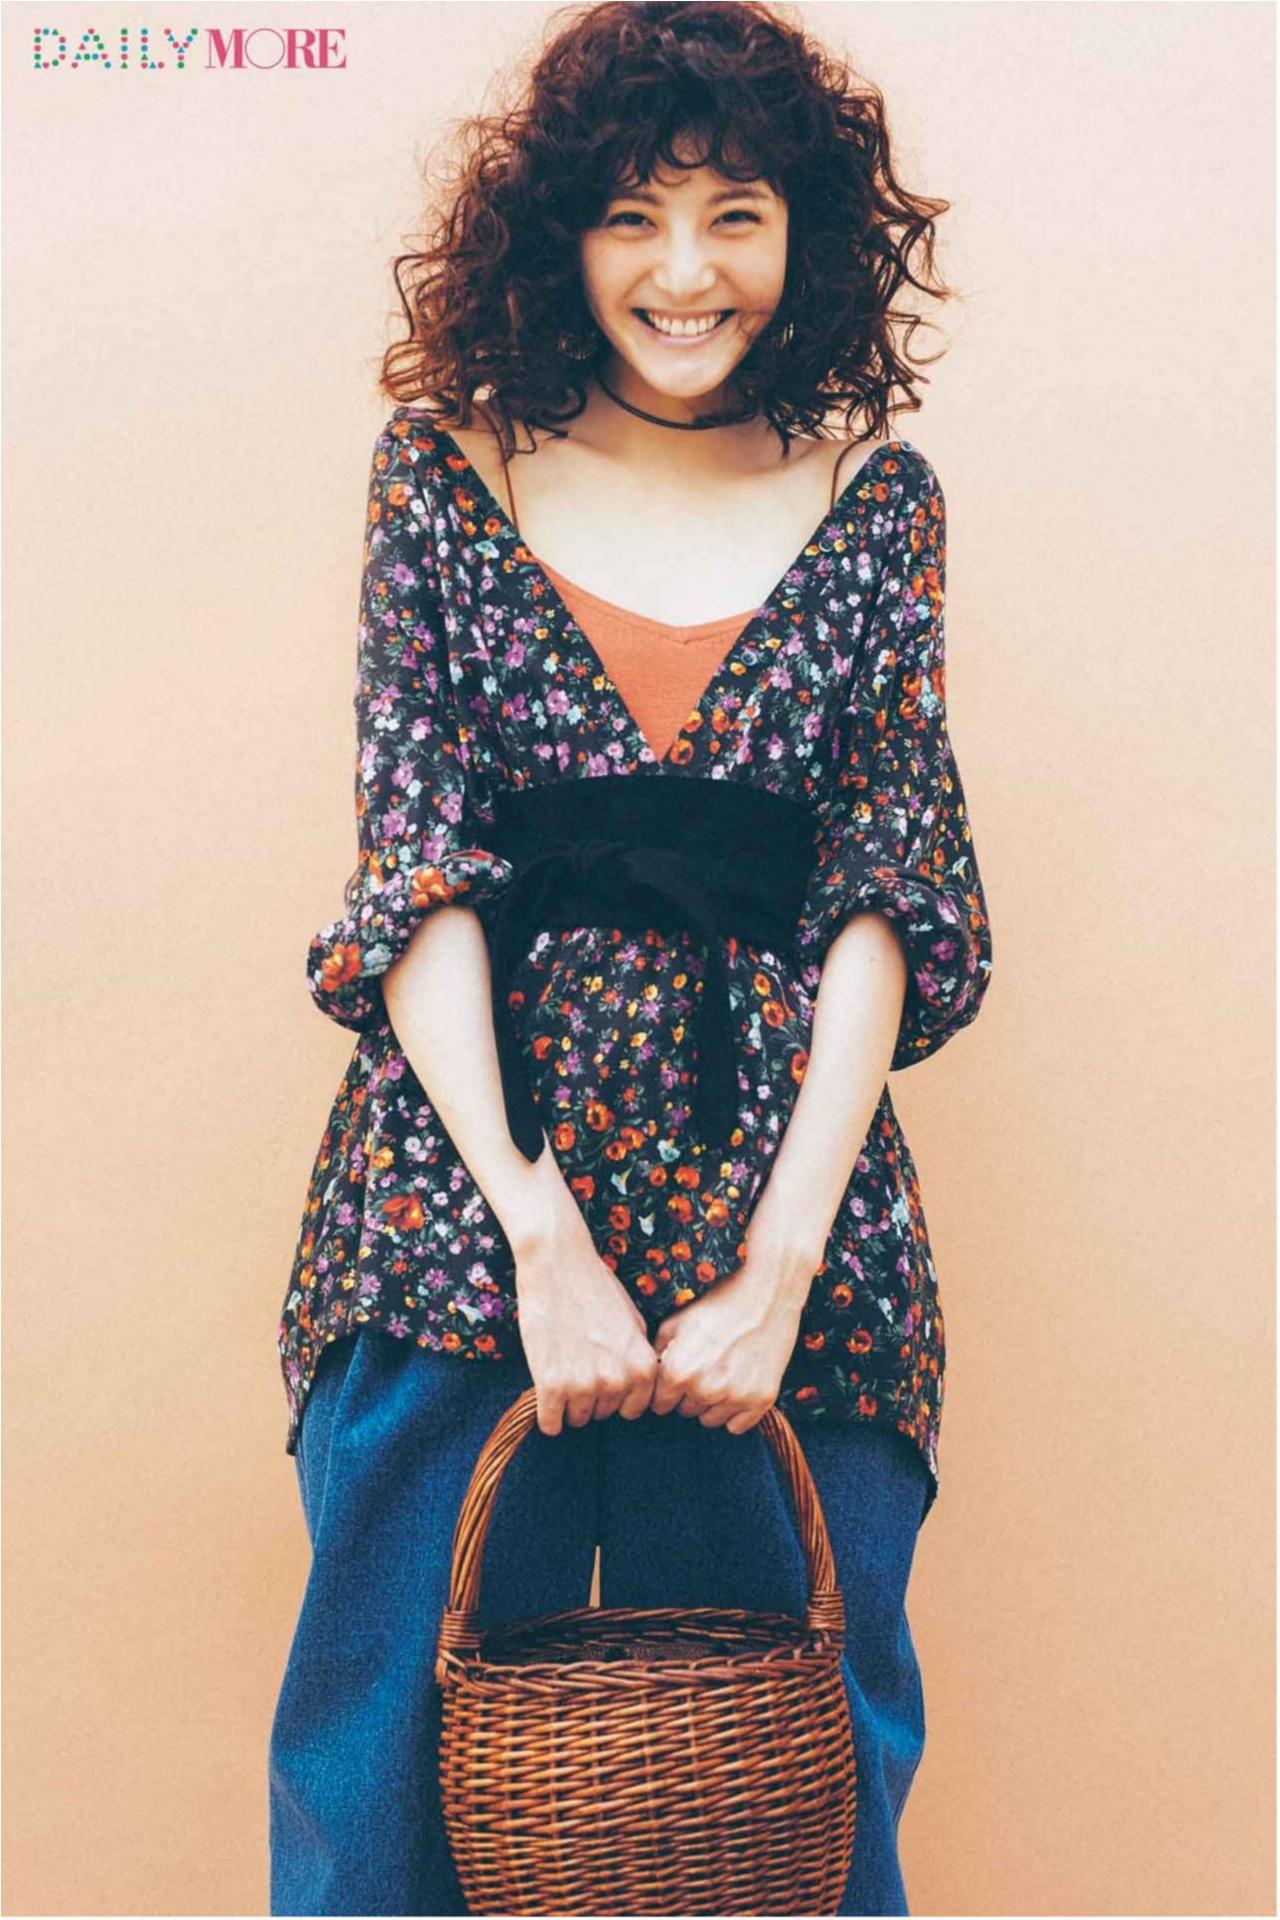 GWは【休日にしたいコーデNo.1】の「デニム×きれい色」で決まり☆ 今週の人気ランキングトップ3!_1_3